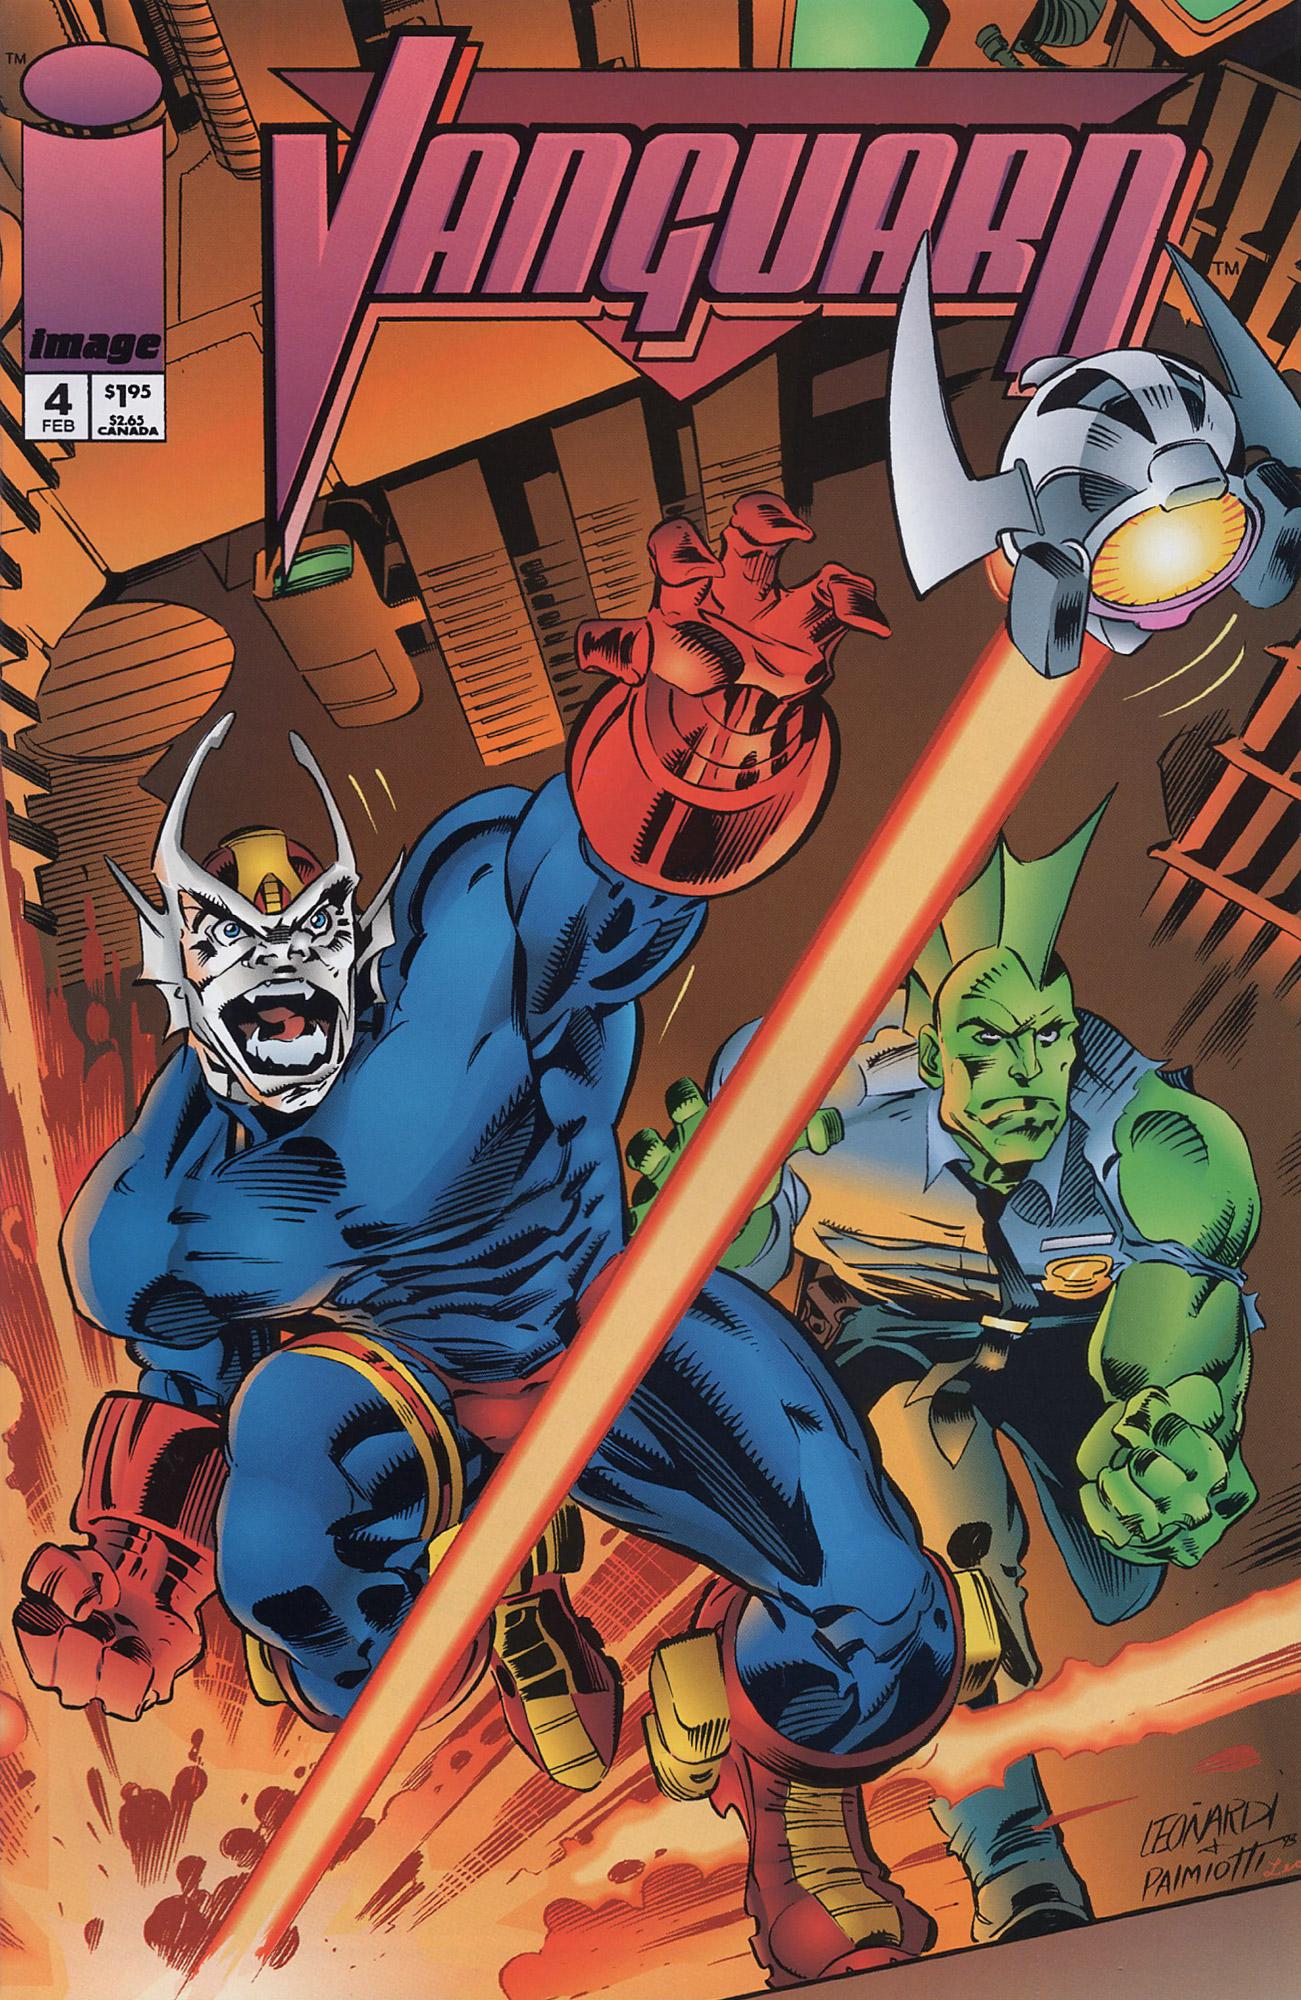 Cover Vanguard Vol.1 #4